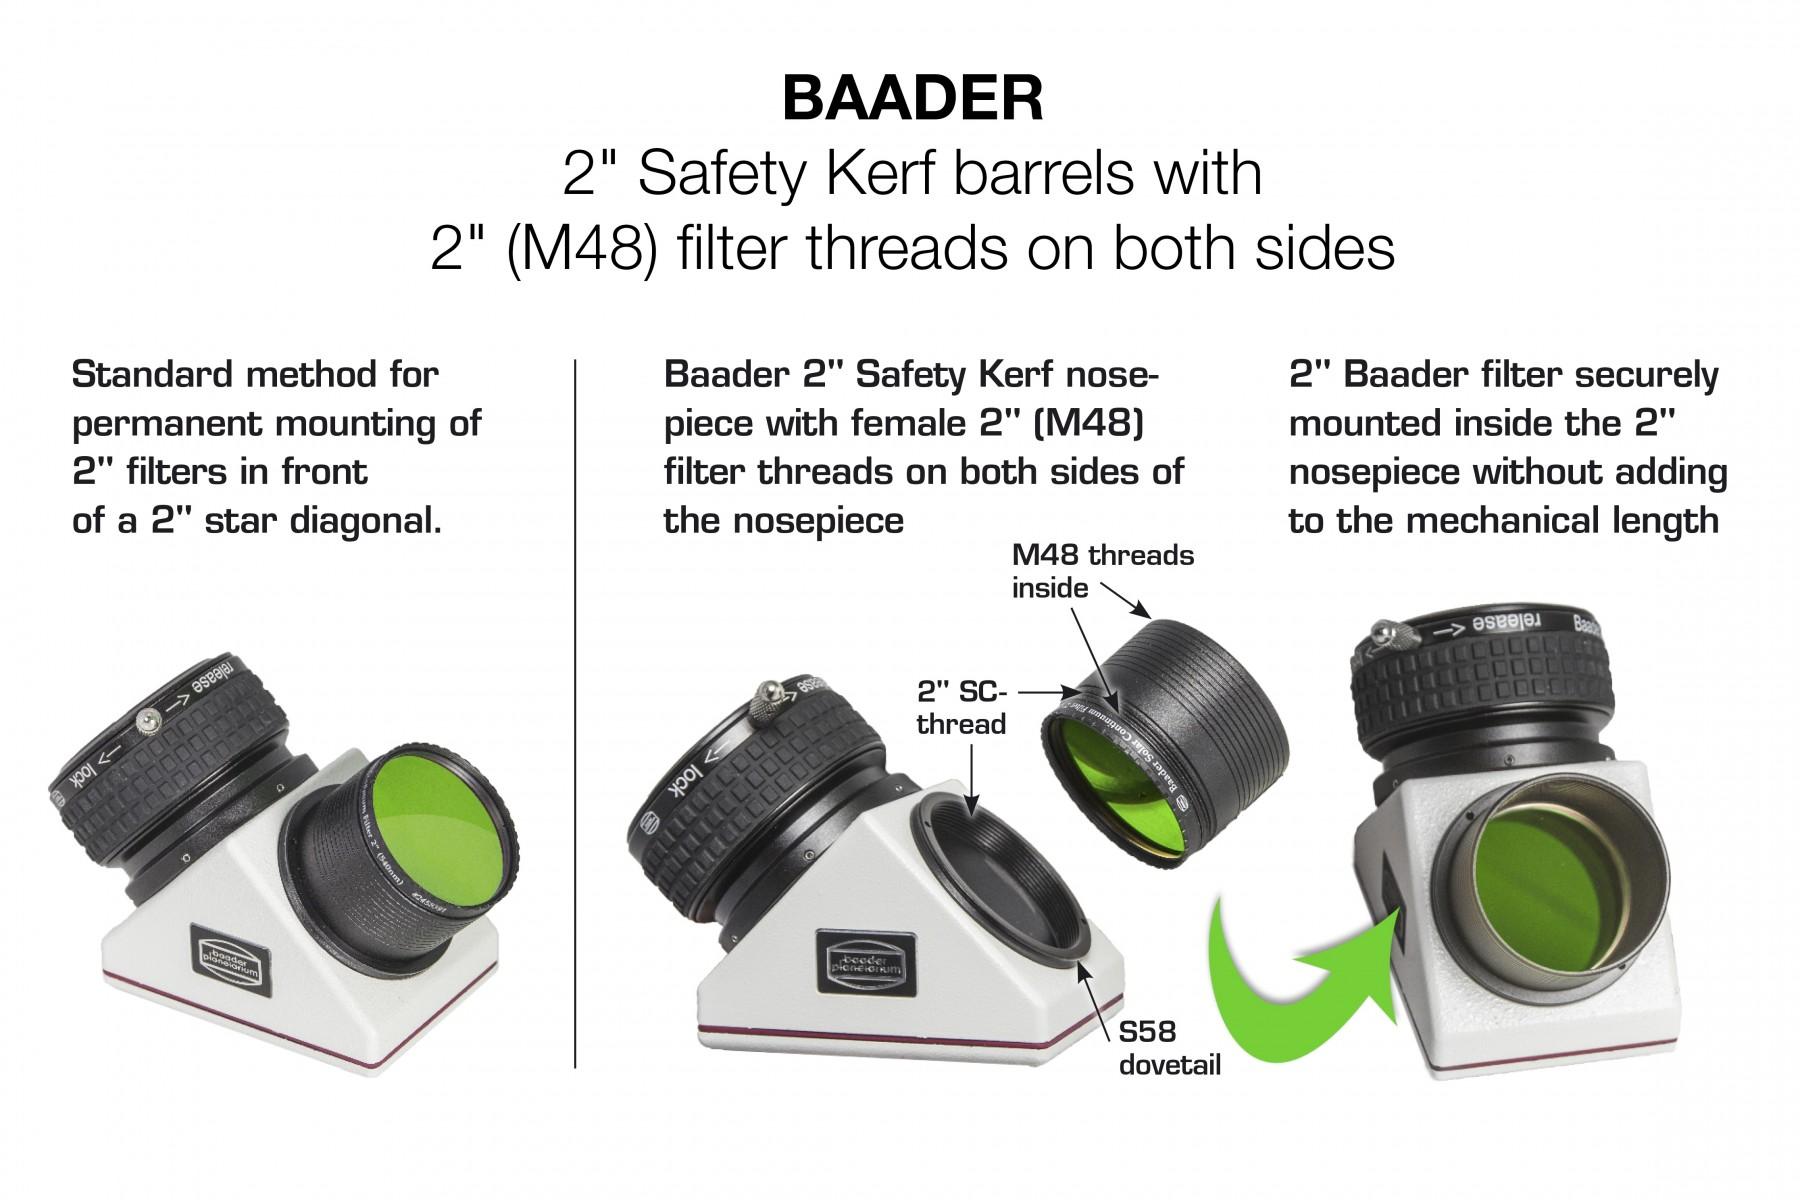 Baader Planetarium 2 Nosepiece also has 2 Filter Thread fits Internal 2SCT Threads